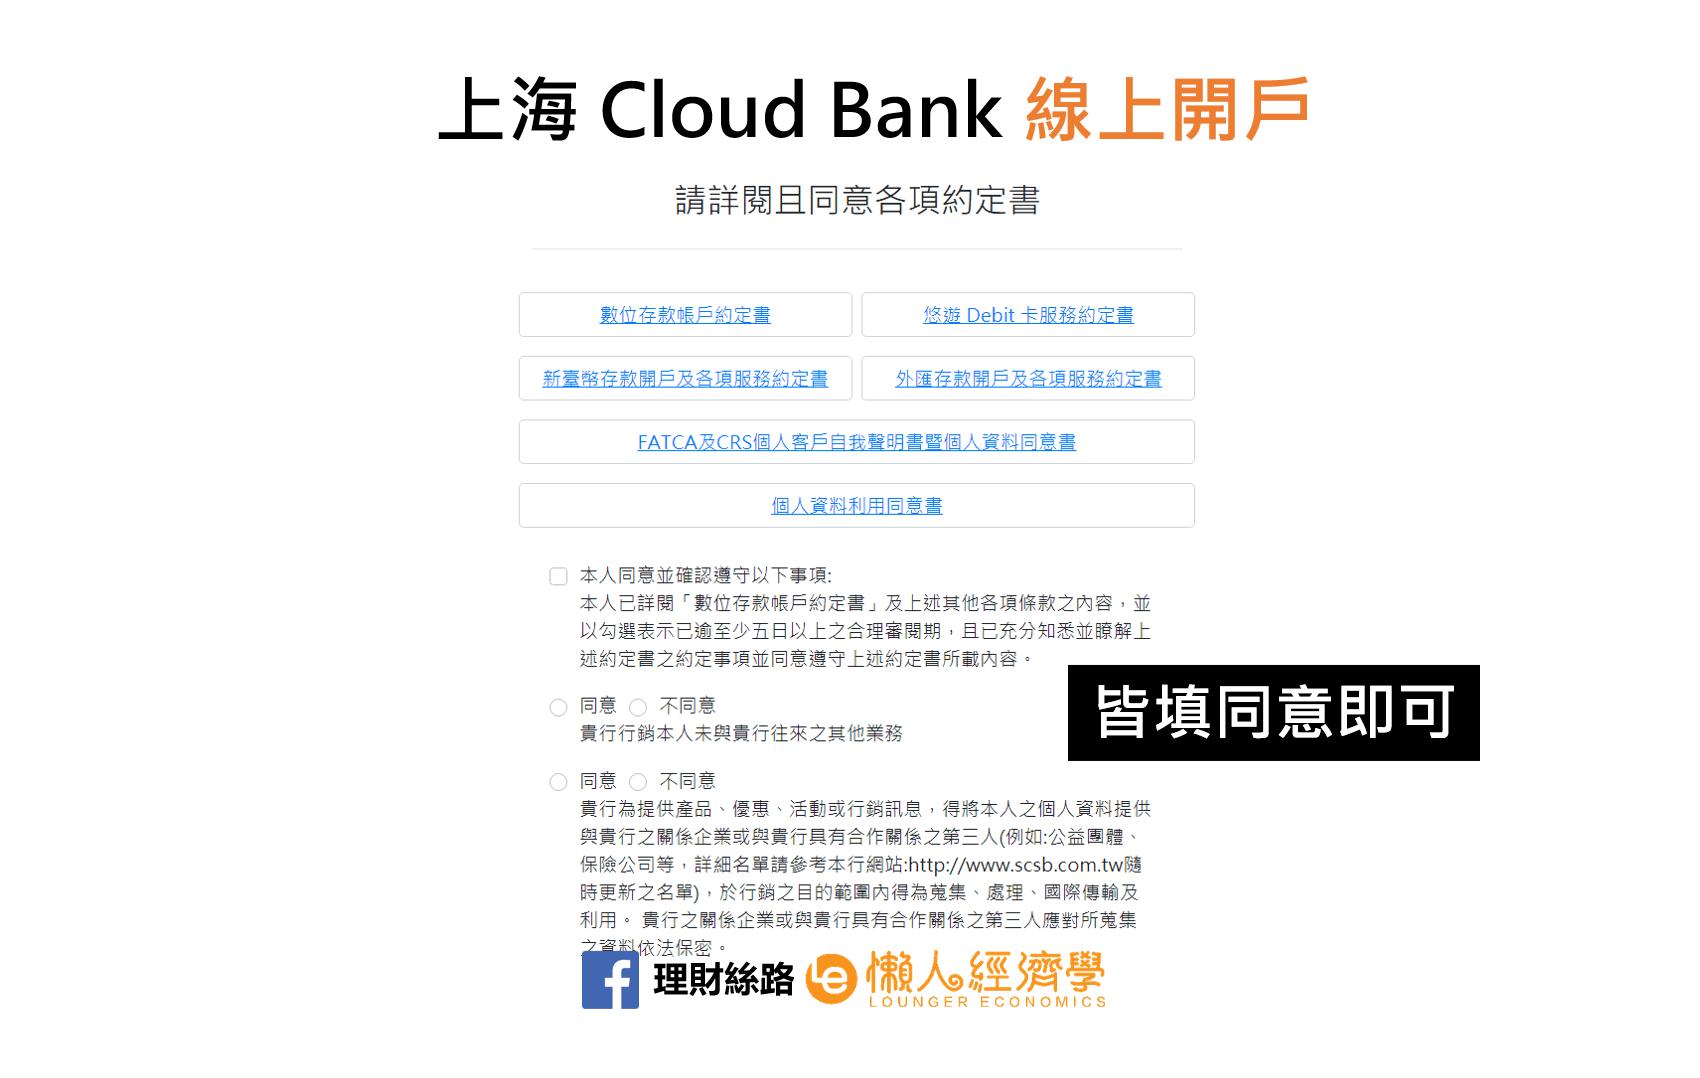 上海Cloud Bank同意條款